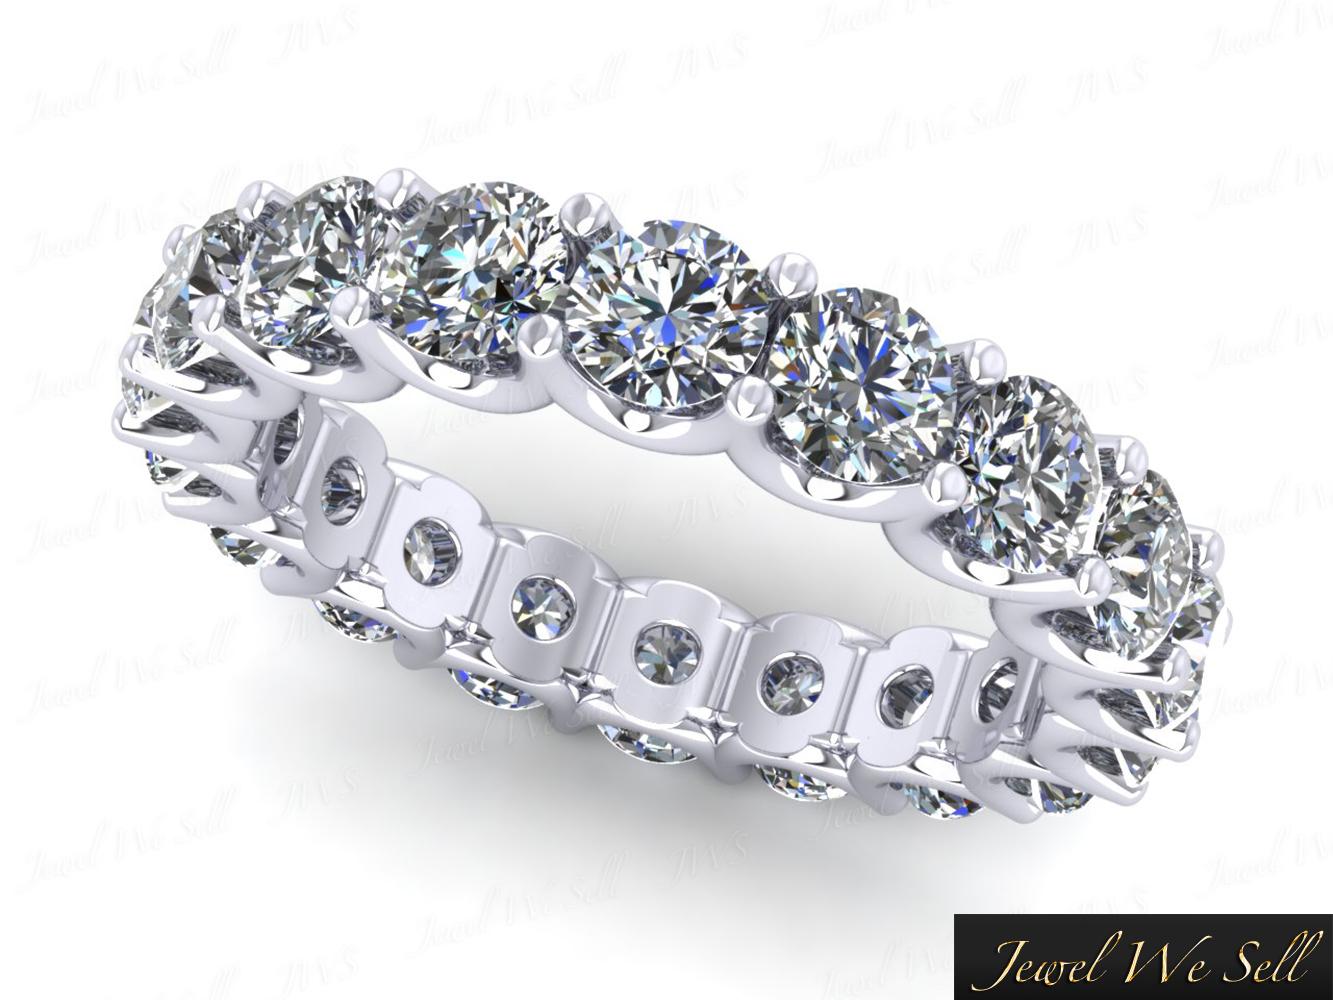 2 25ct Round Diamond Shared U G Eternity